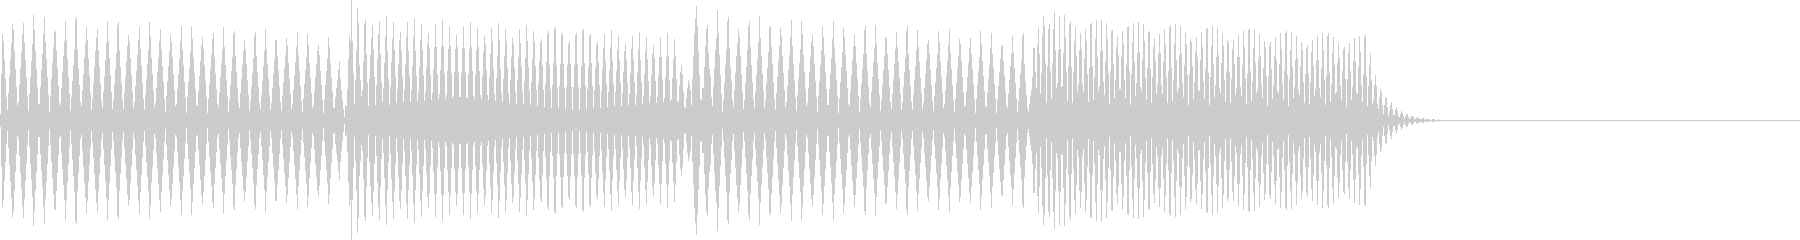 ピロリロ(決定、表示、ヒント)の未再生の波形